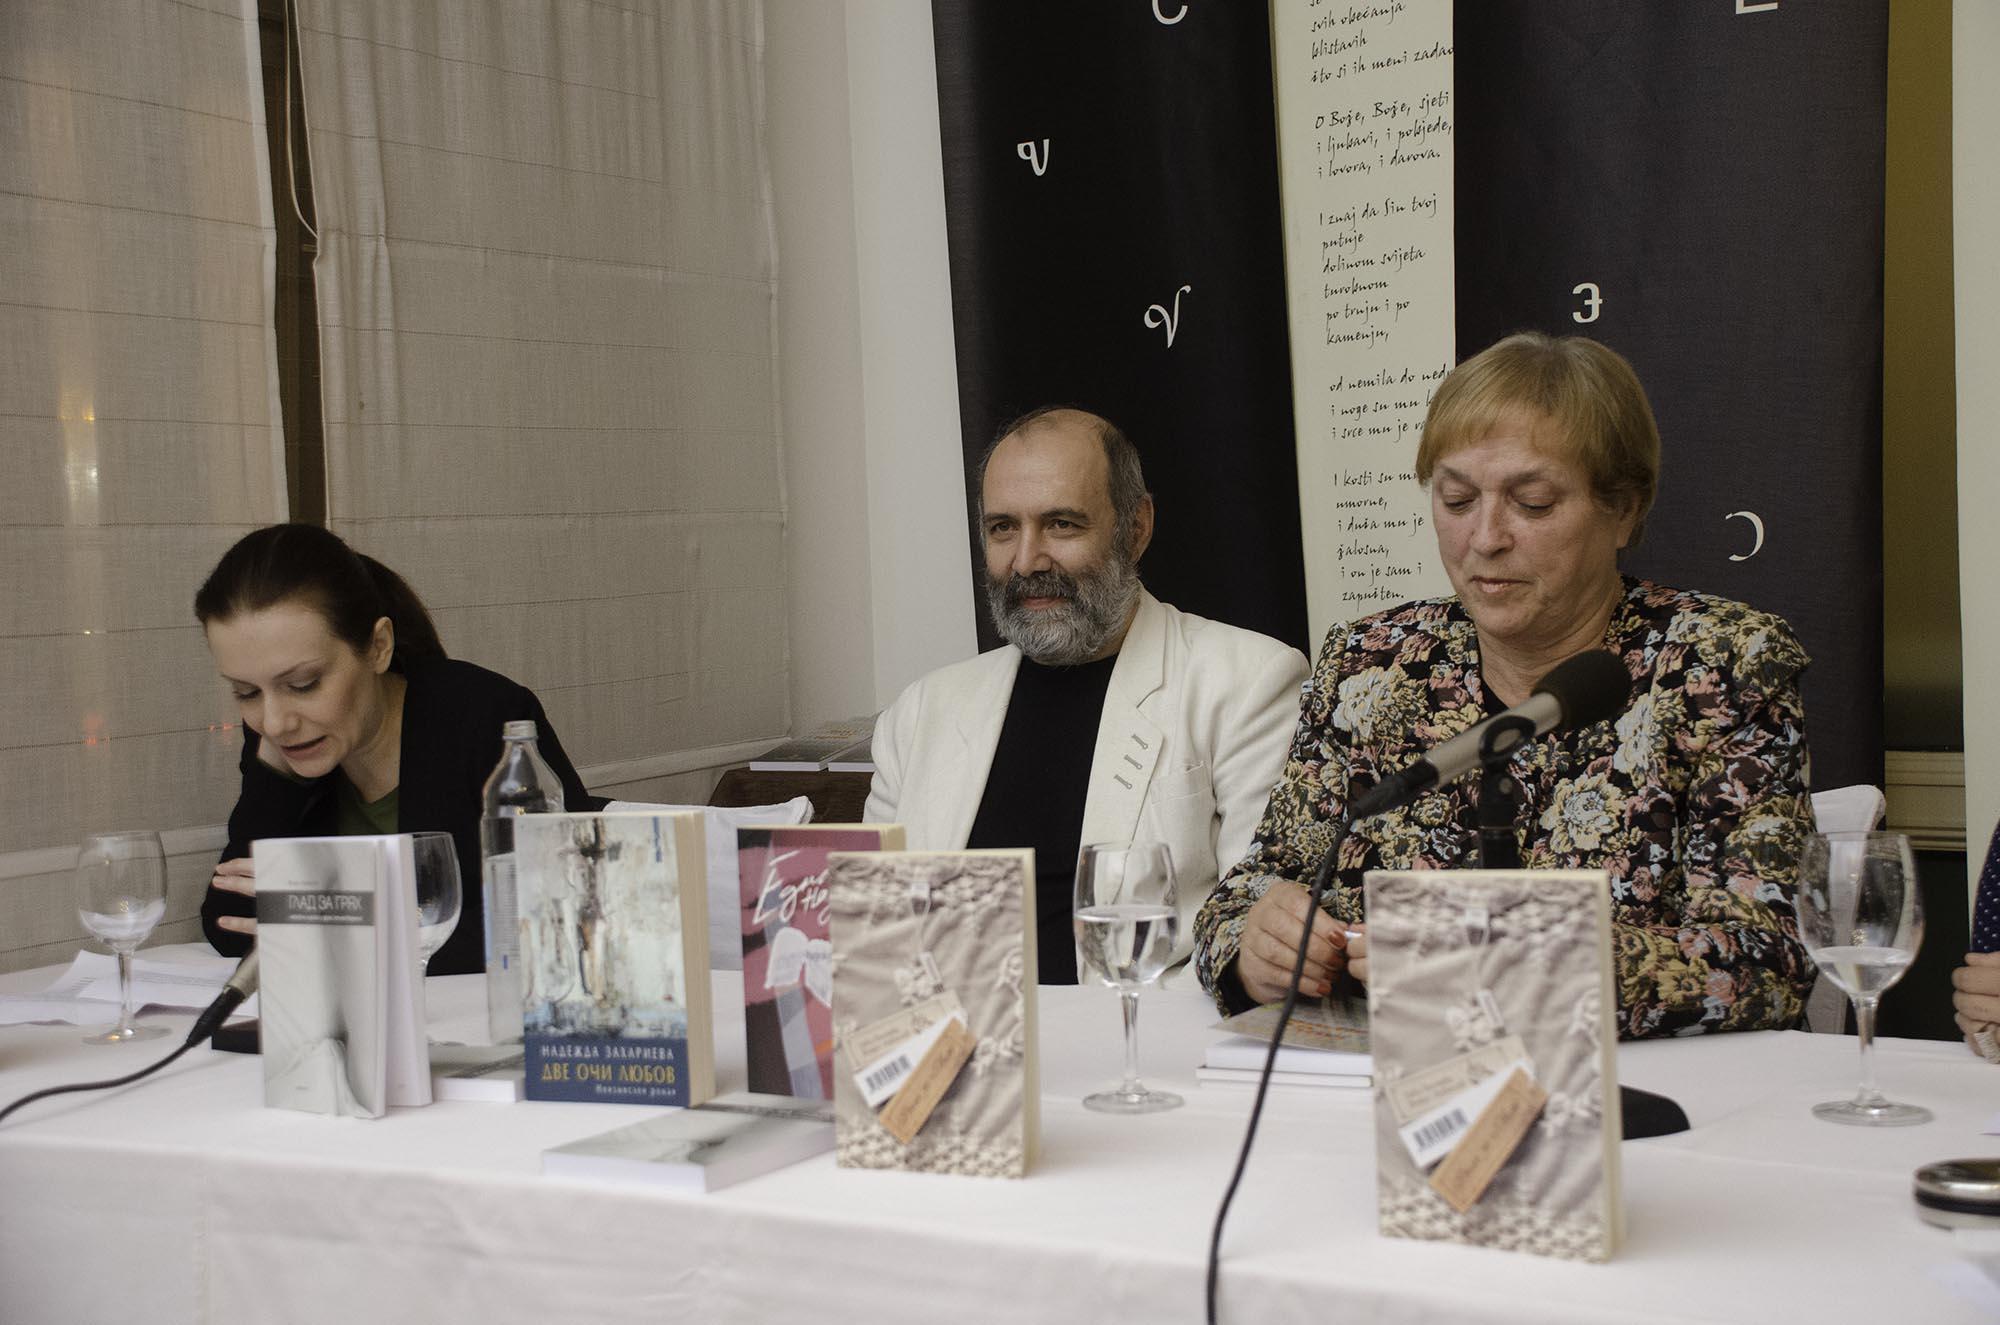 Bugarsko Knjizevno Vece (4)